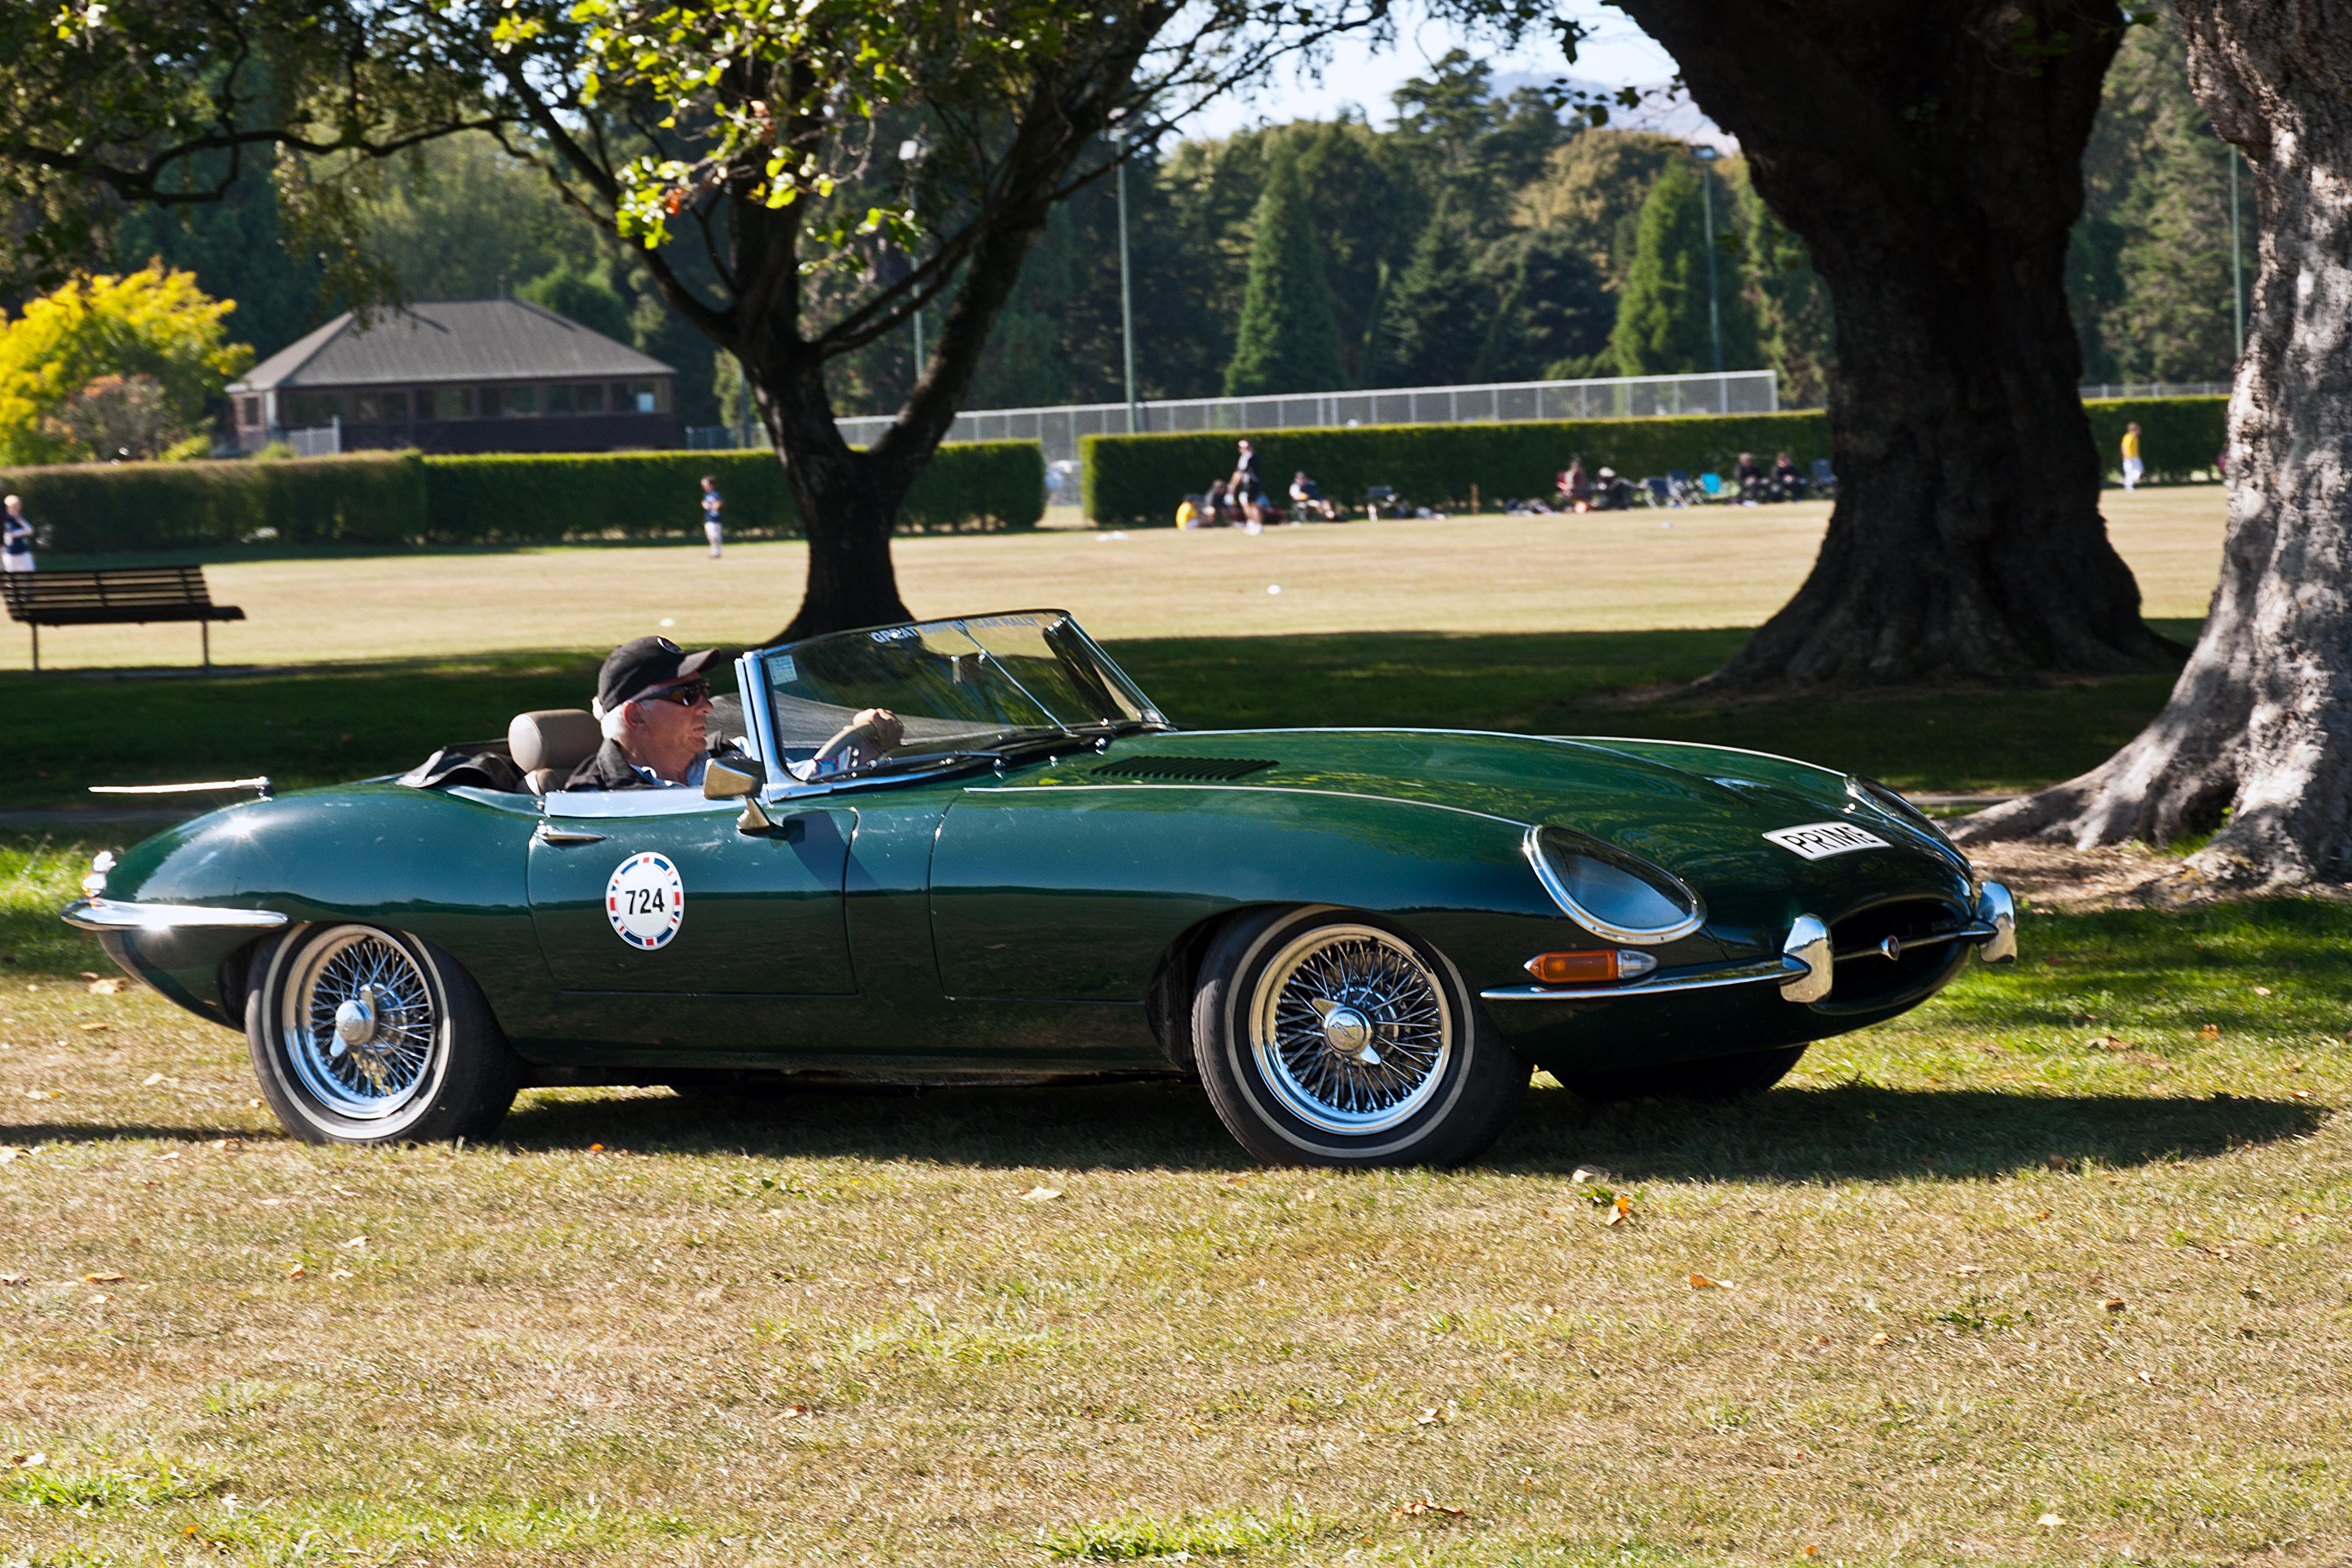 1968 JAGUAR E TYPE, 1968, Car, E, Jaguar, HQ Photo